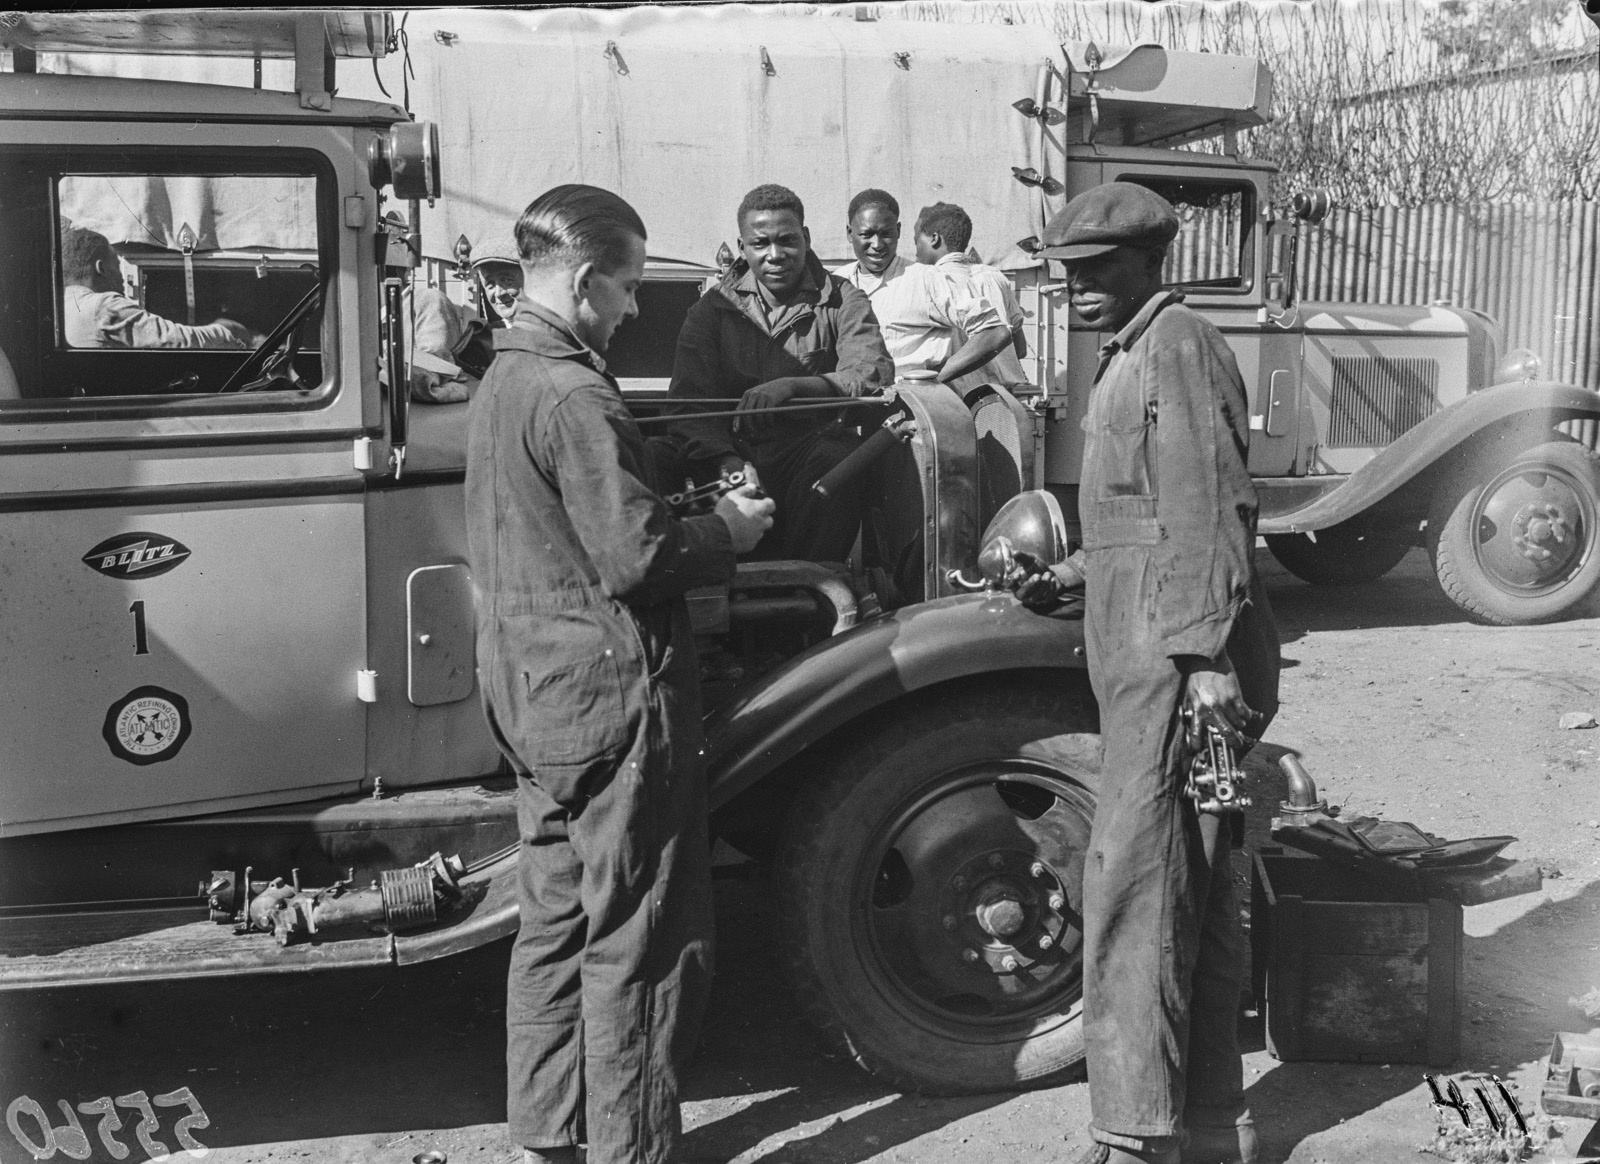 Претория. Один из грузовиков типа Opel Blitz во время технического обслуживания